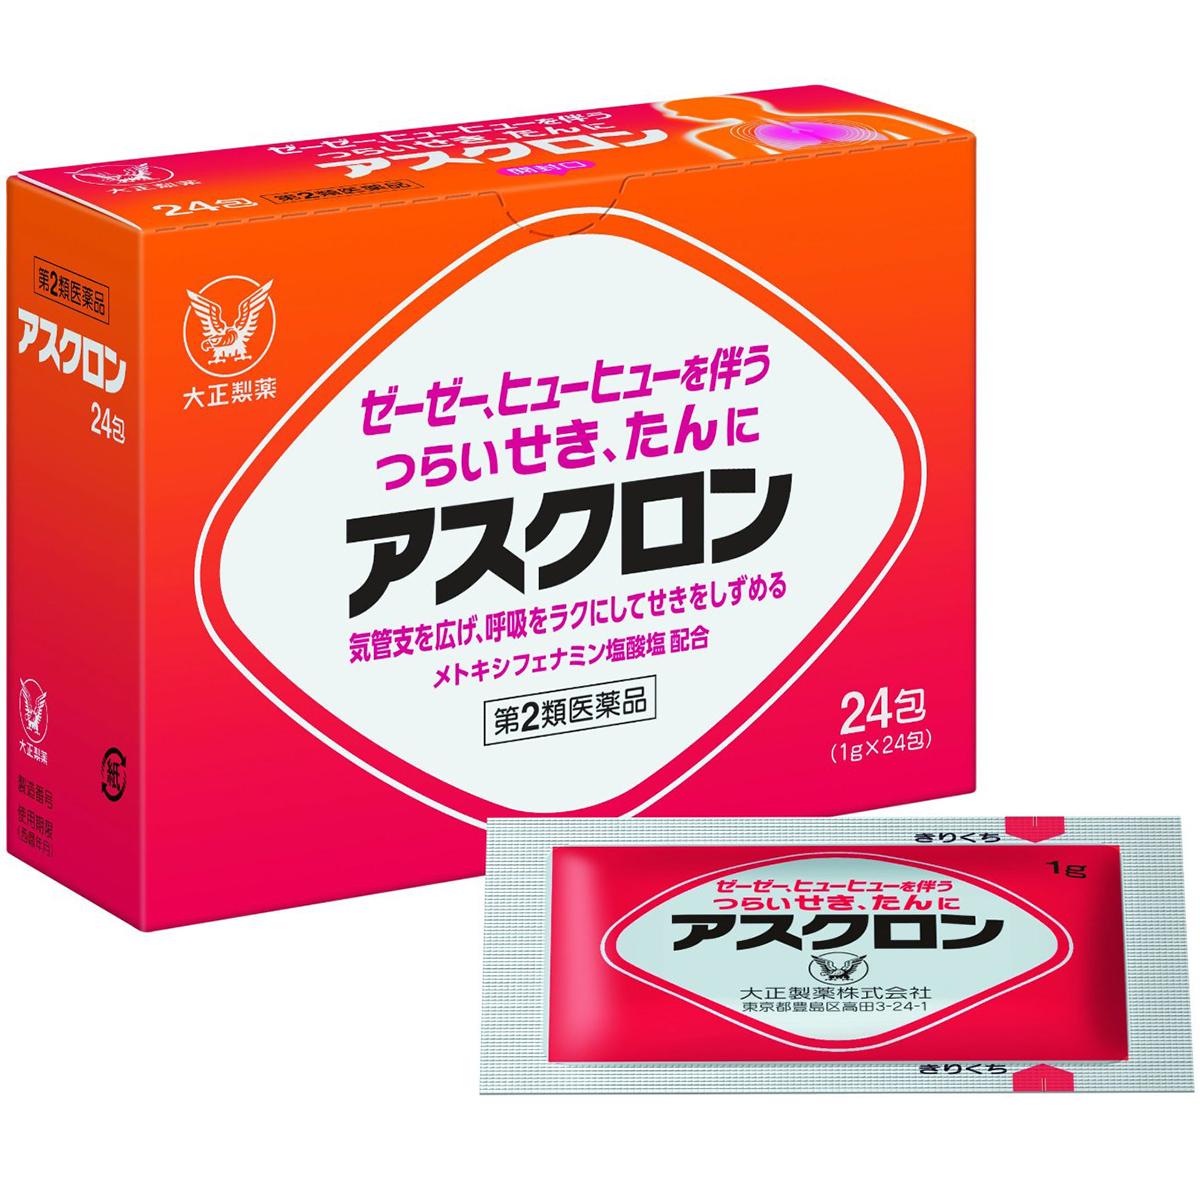 【第2類医薬品】大正製薬株式会社 アスクロン 240包(24包×10)<ゼーゼーヒューヒューを伴う、せき・たんに。鎮咳去痰薬。>